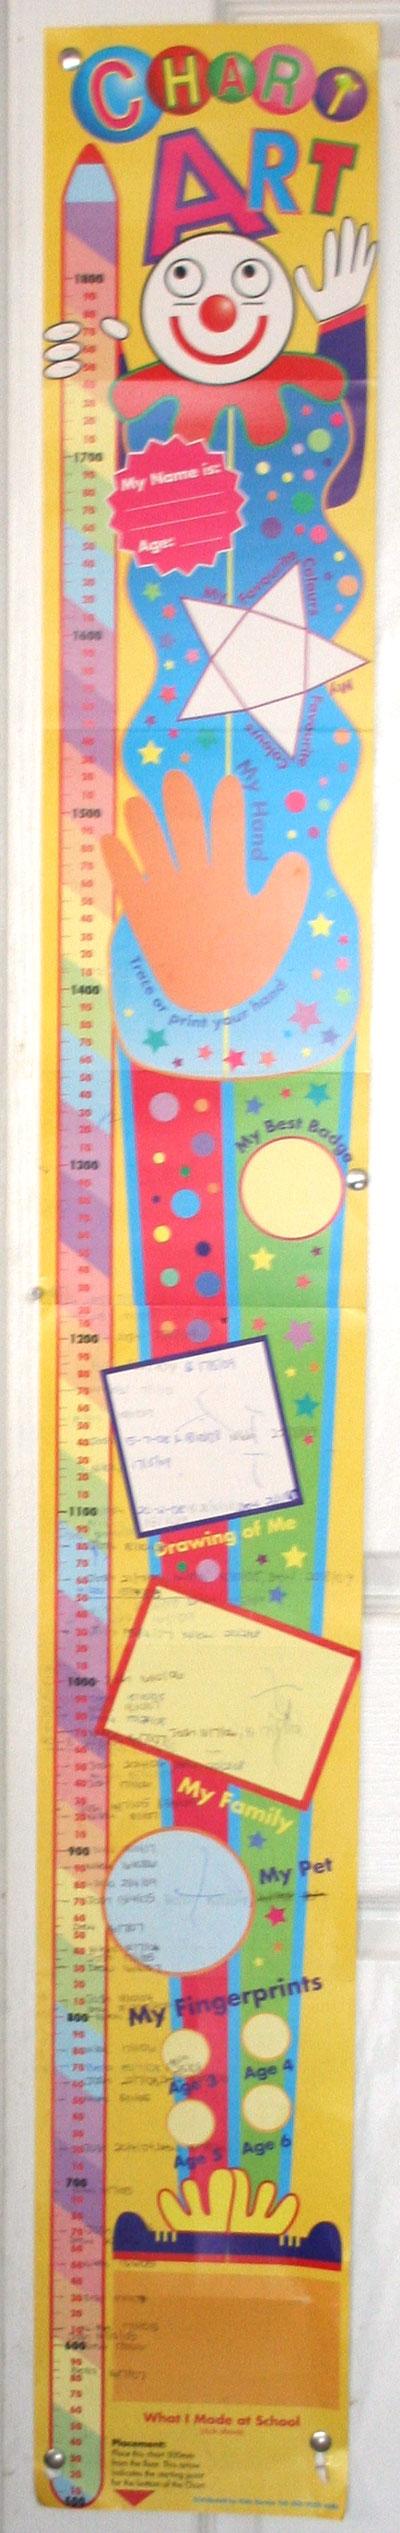 Height-chart-photo